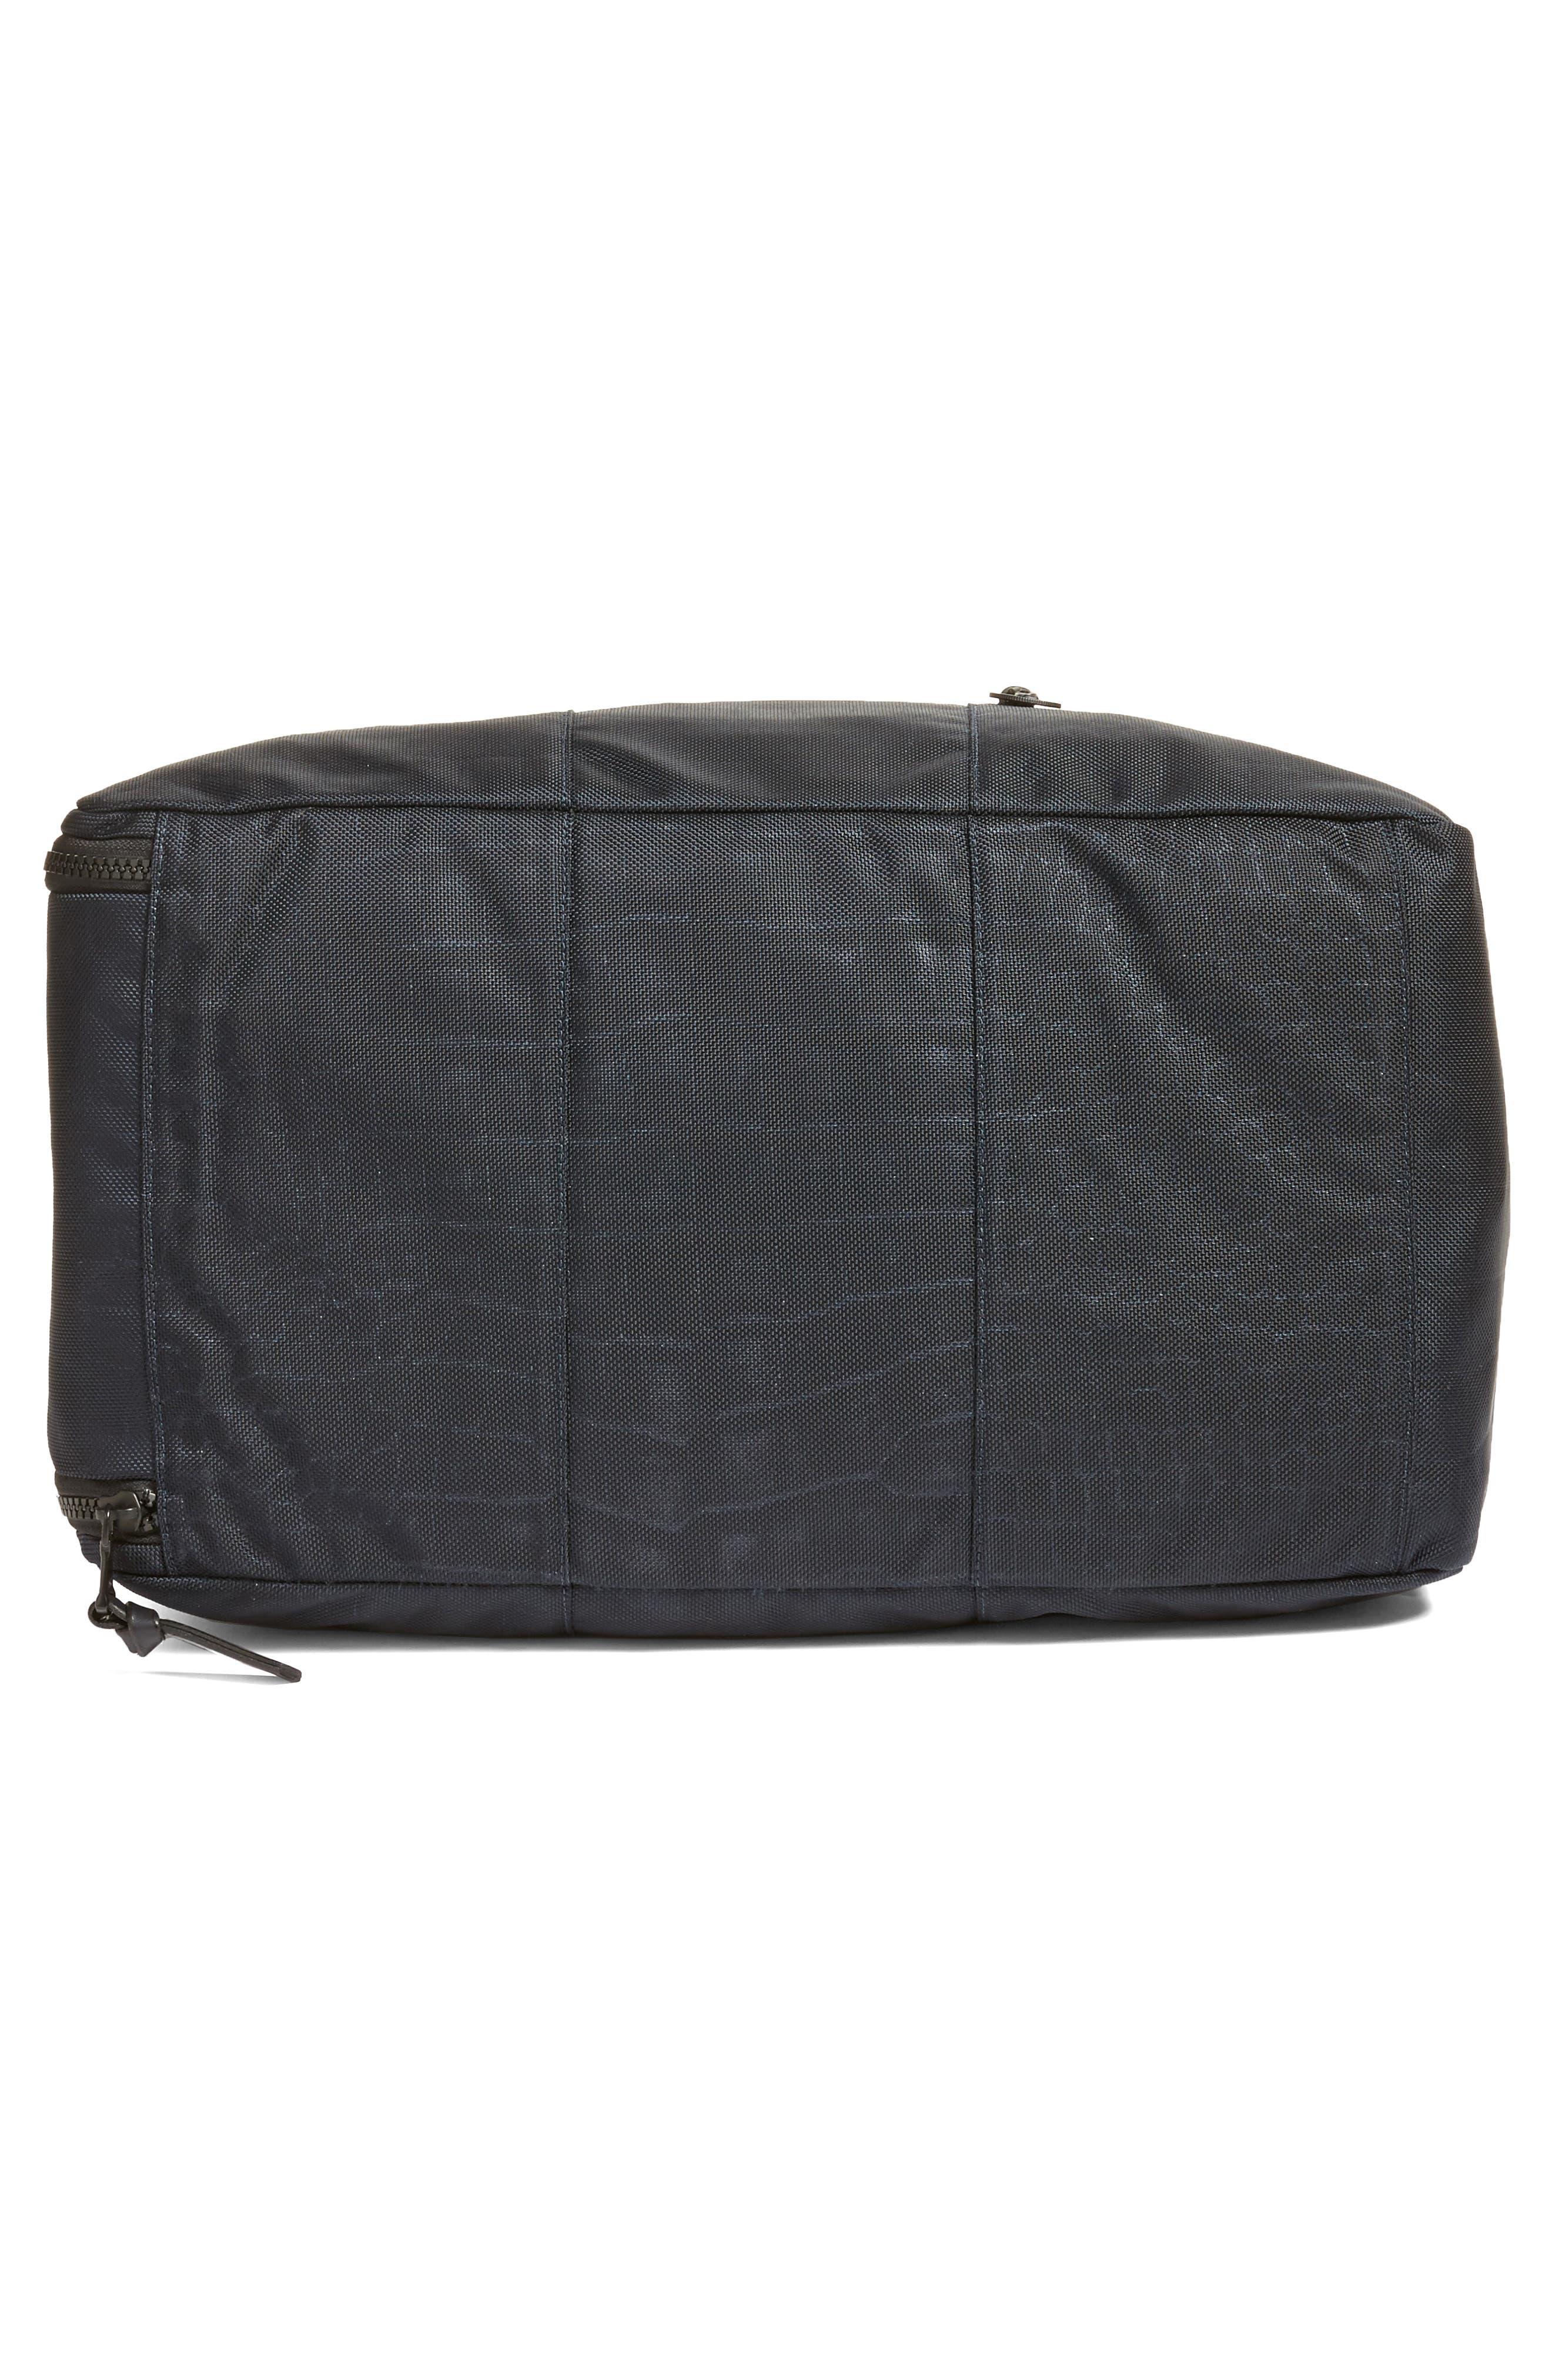 Duffel Bag,                             Alternate thumbnail 6, color,                             412